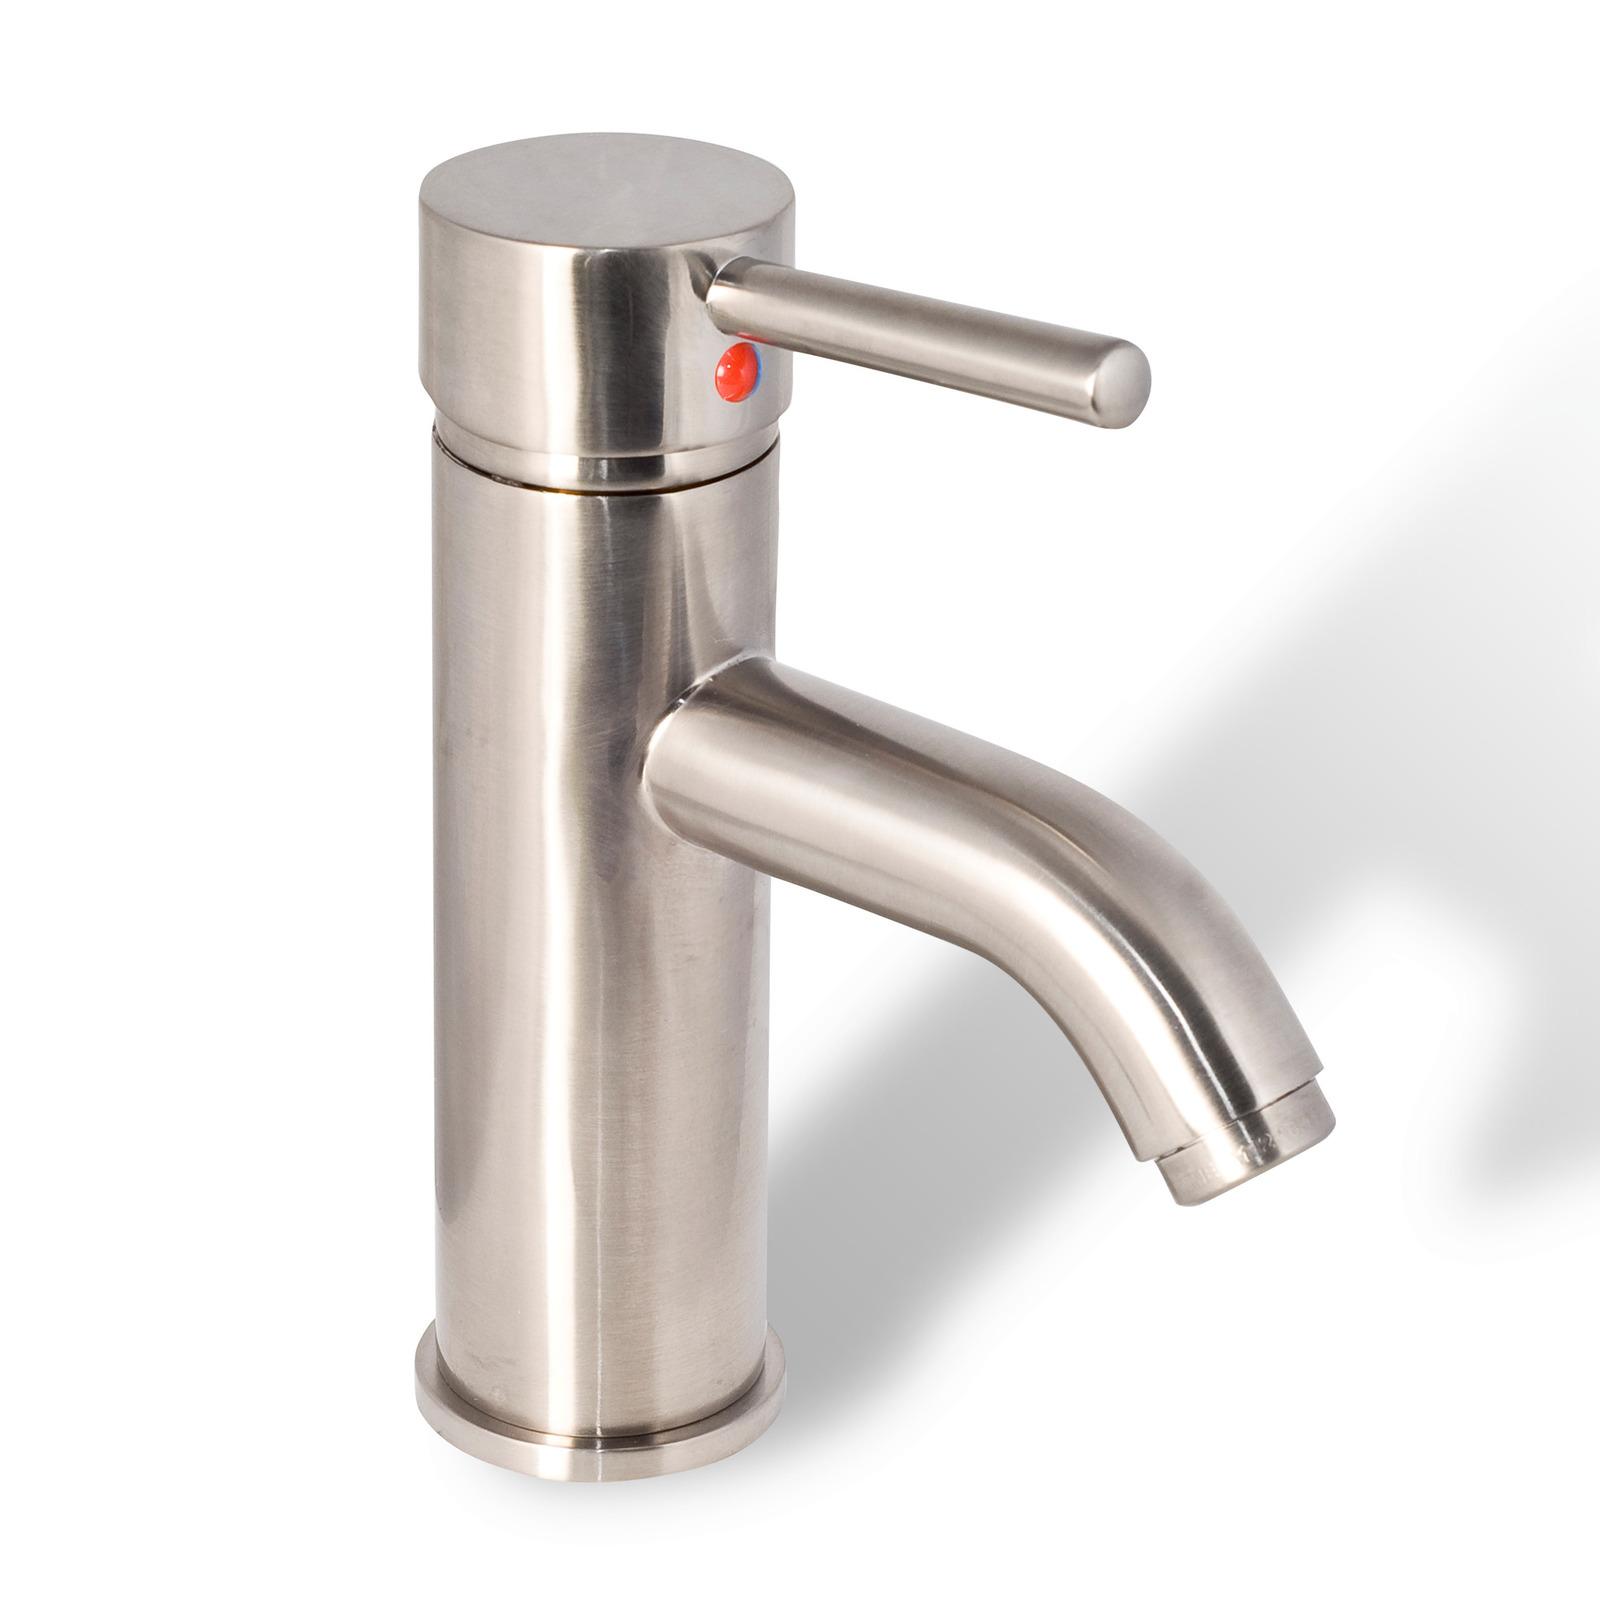 ... Bathroom Vessel Vanity Sink Lavatory Faucet Brushed Nickel New eBay